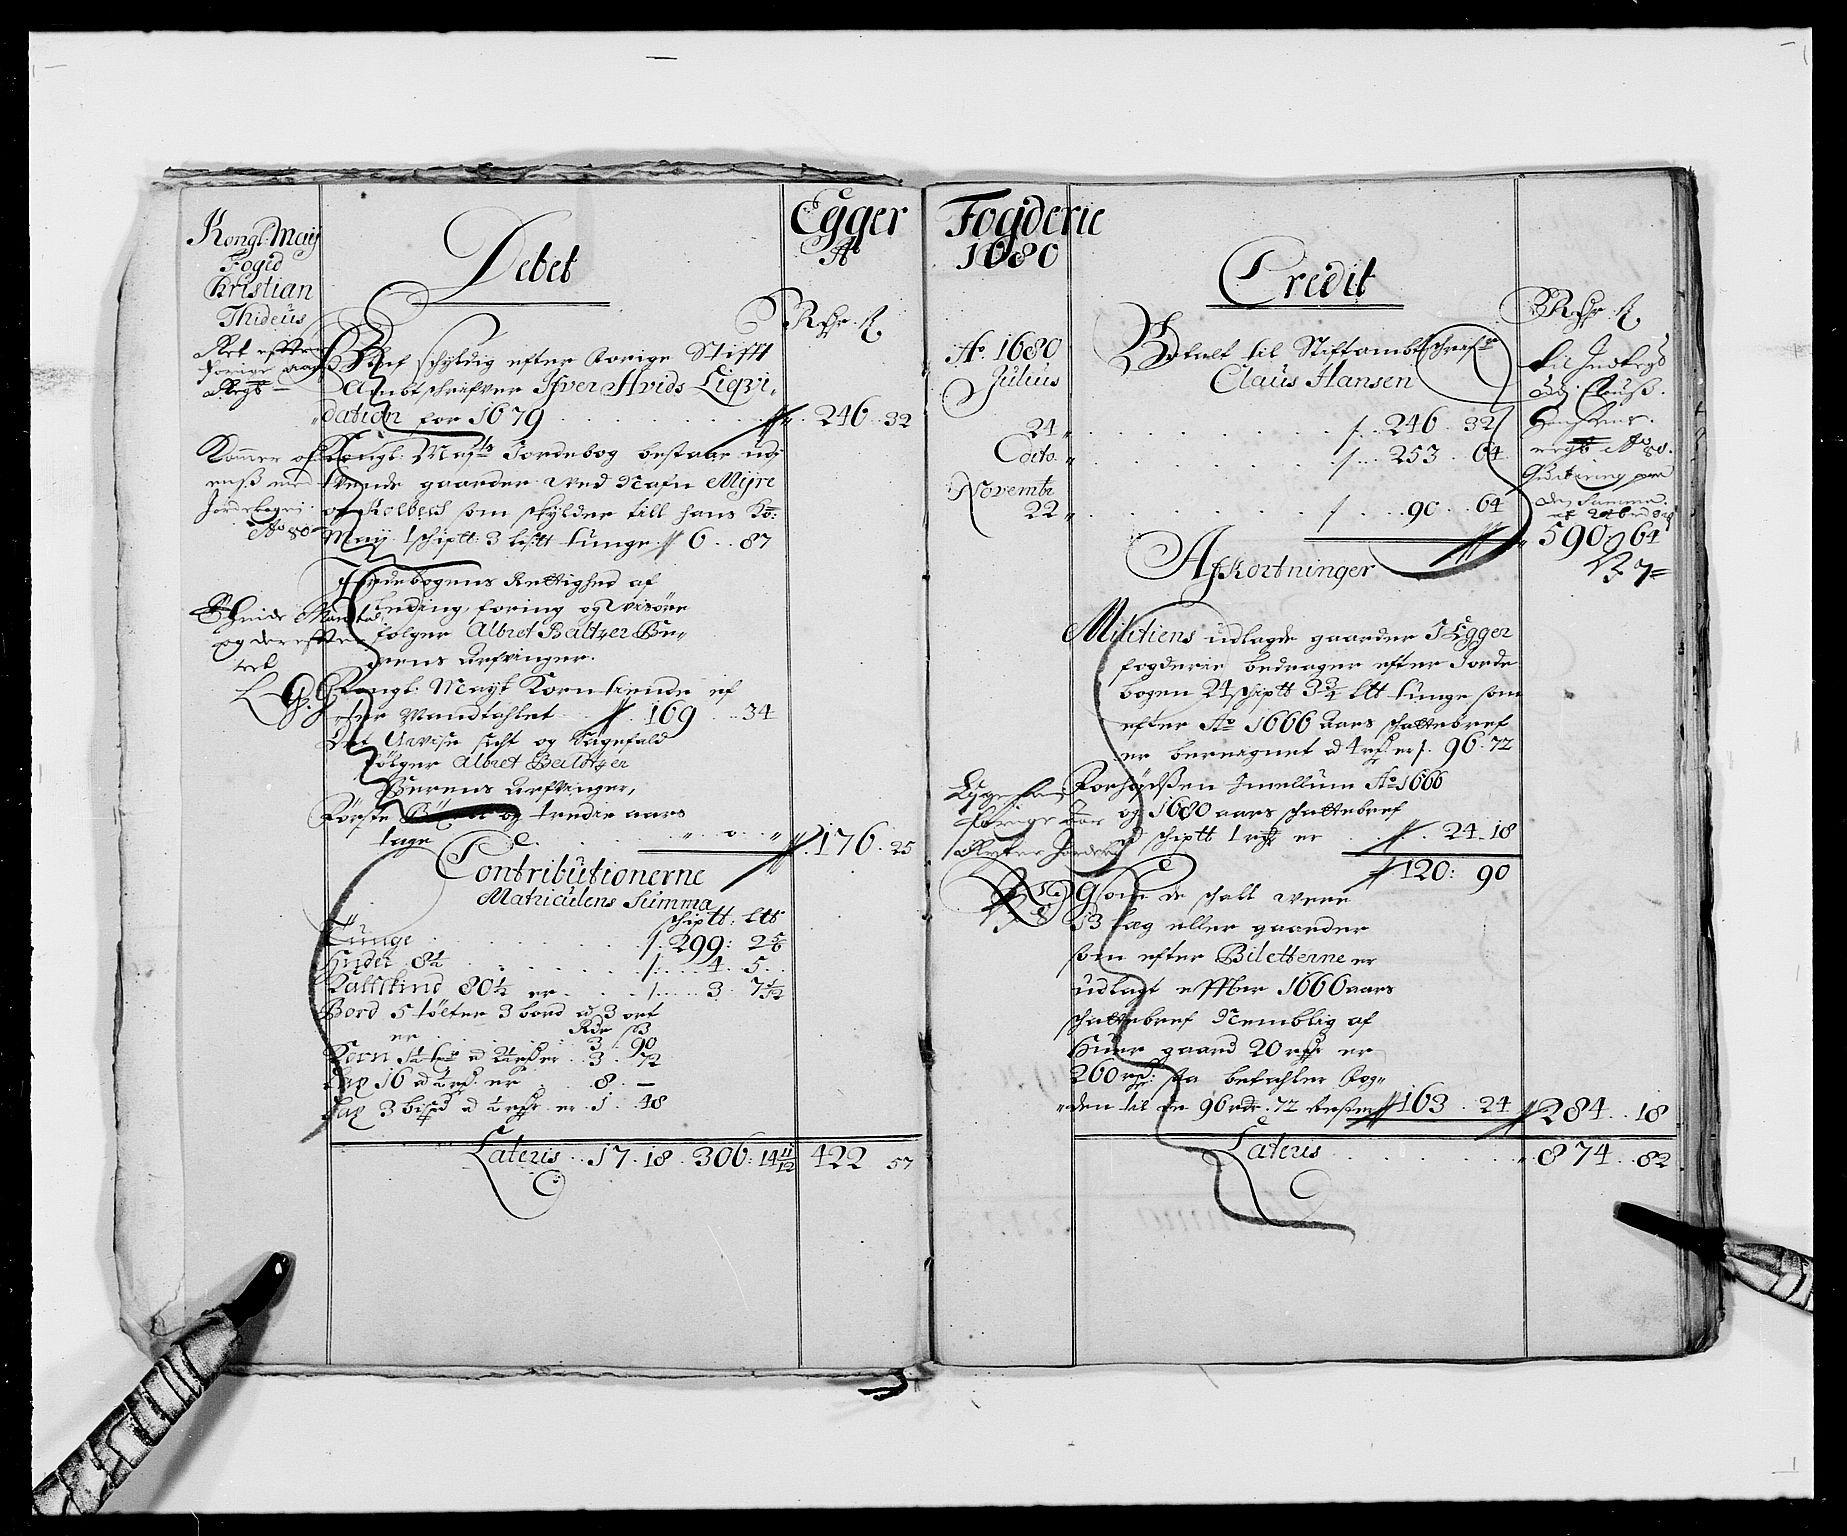 RA, Rentekammeret inntil 1814, Reviderte regnskaper, Fogderegnskap, R26/L1684: Fogderegnskap Eiker, 1679-1686, s. 7